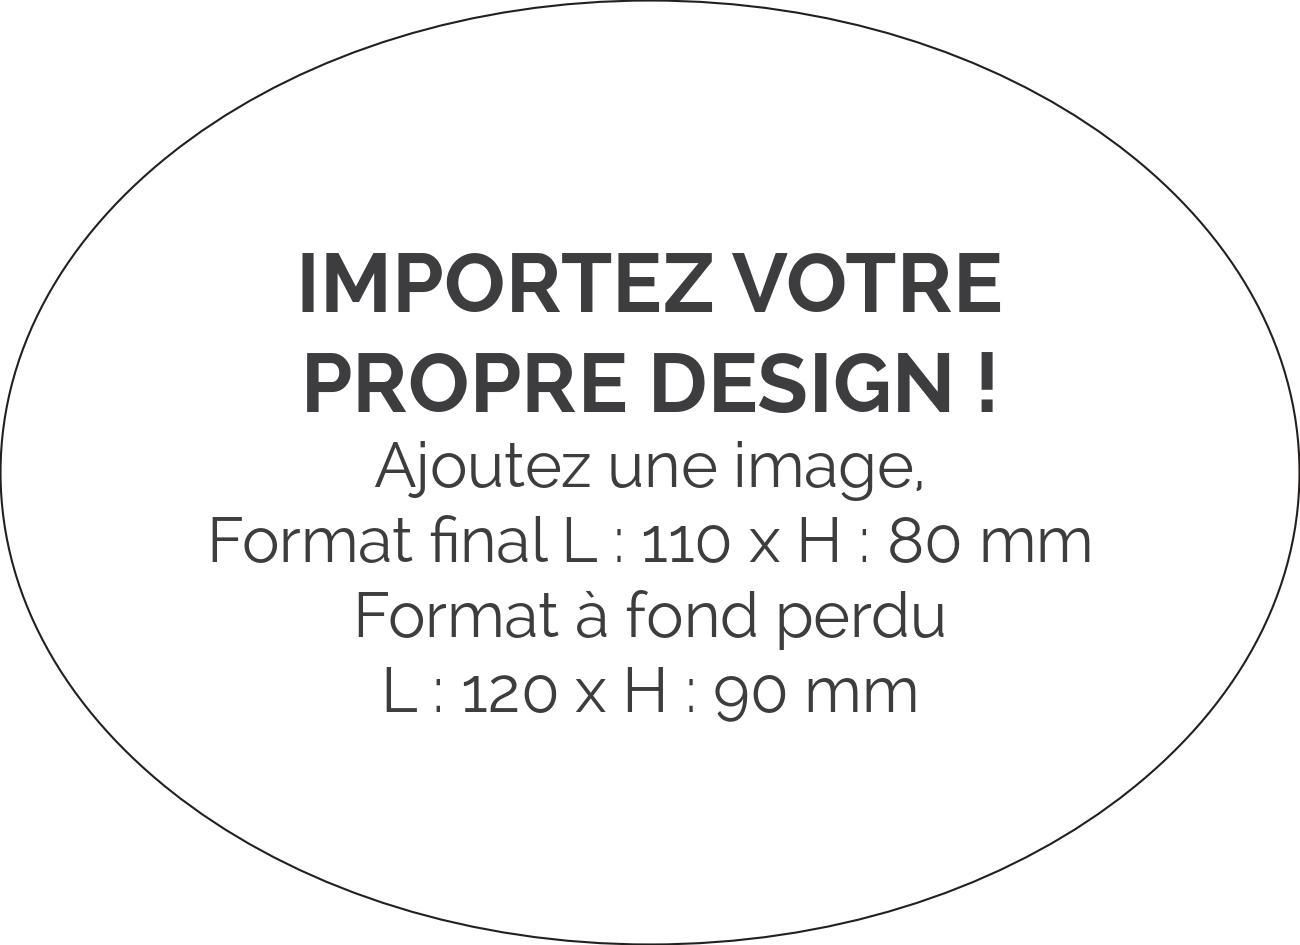 full-custom_has-image